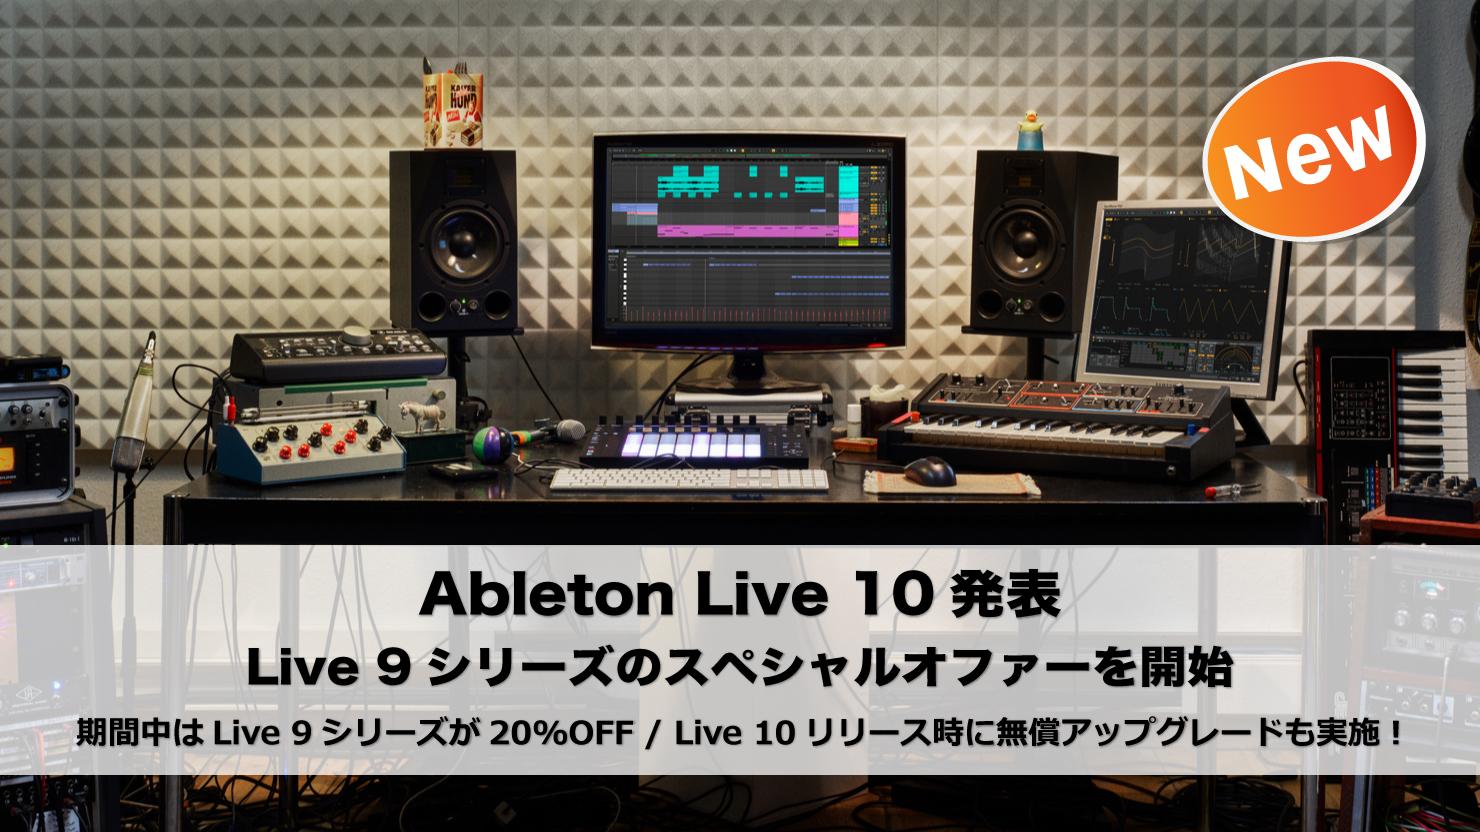 Ableton Live 10 発表!Live 9シリーズのスペシャルオファーを開始